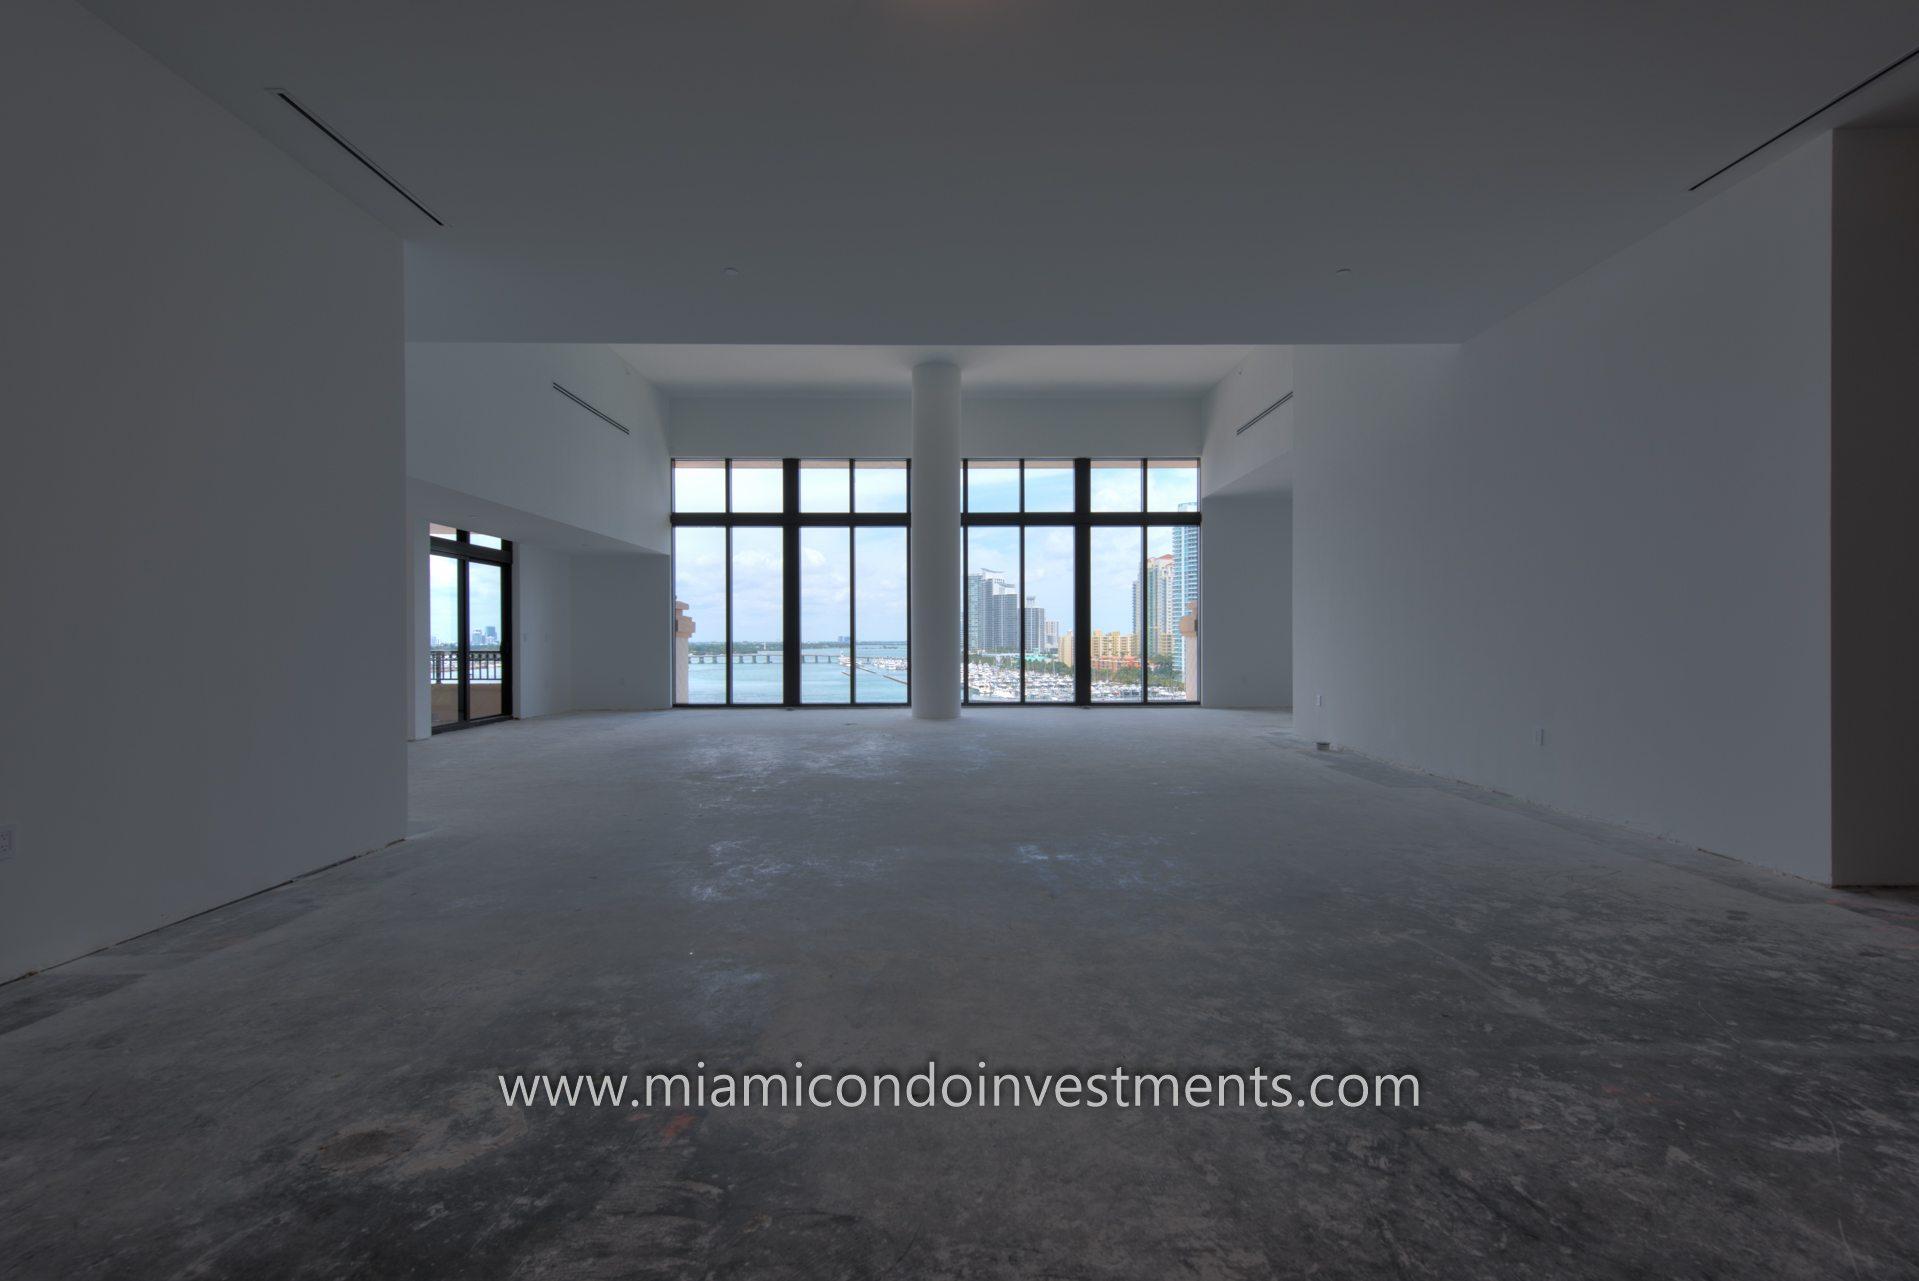 Palazzo Del Sol PH1 condo